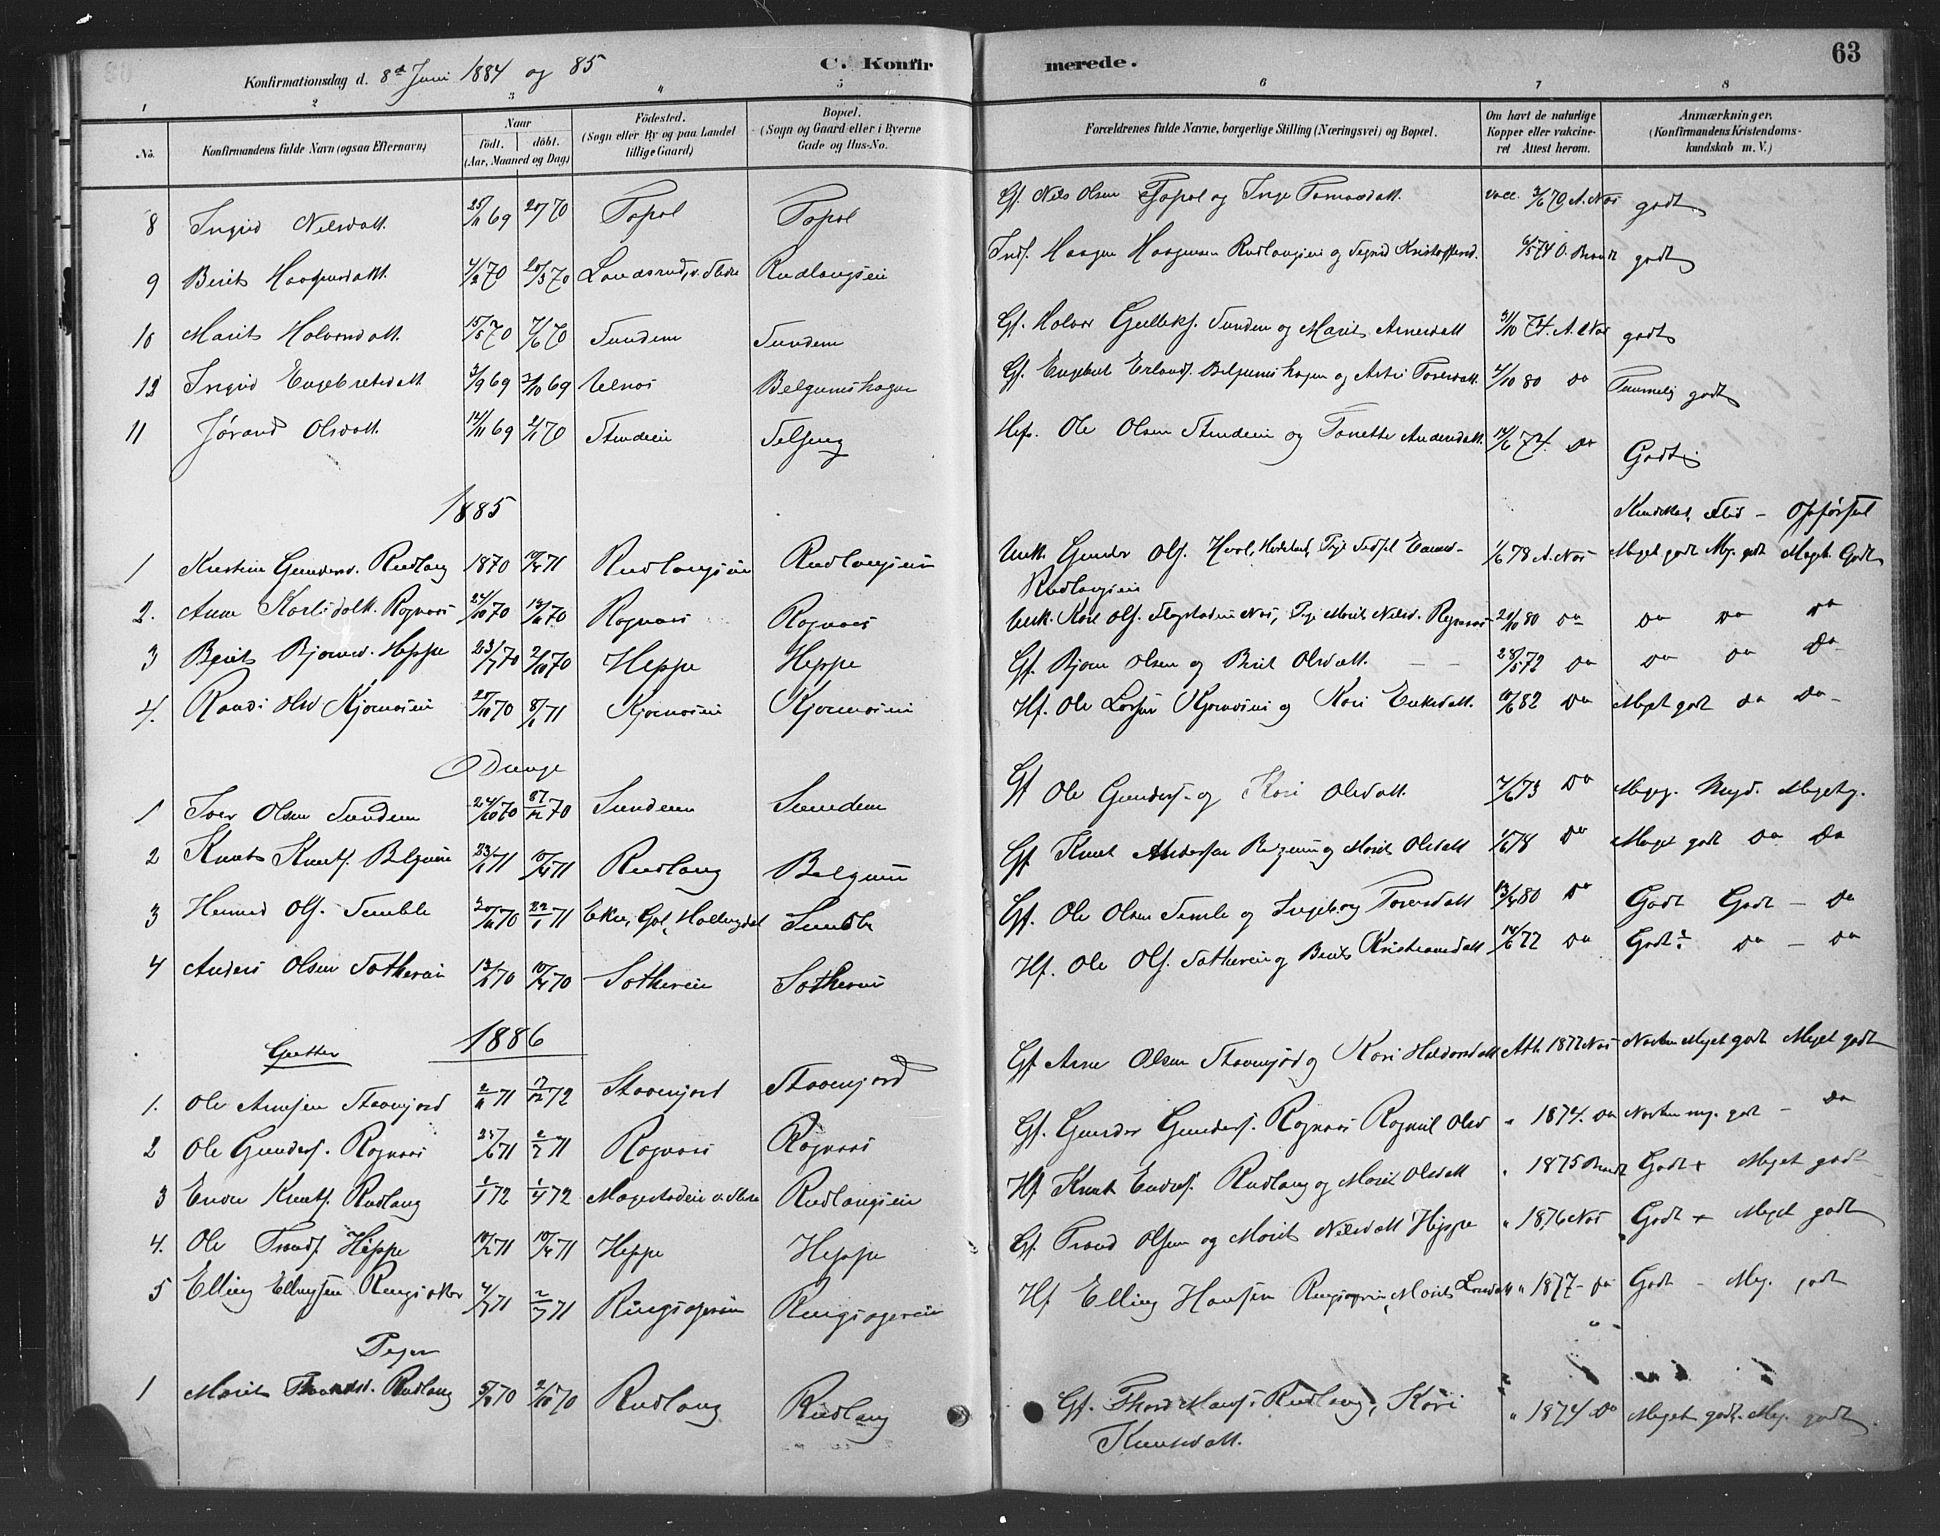 SAH, Nord-Aurdal prestekontor, Klokkerbok nr. 8, 1883-1916, s. 63